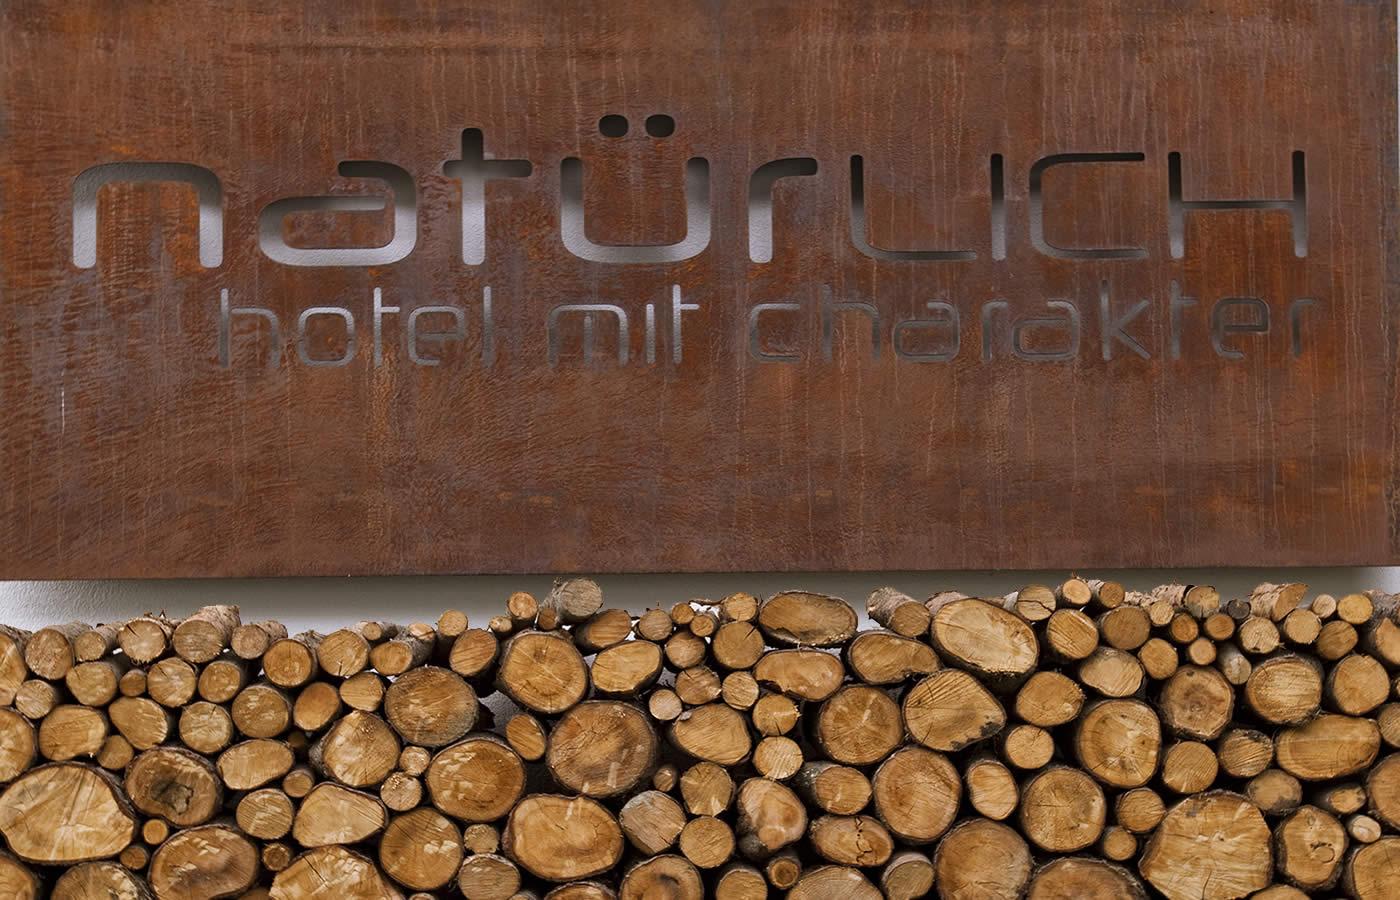 Hotel Natürlich Holzlege und Hotelnamen in Rostmetall. Ferien in Fiss - Österreich.